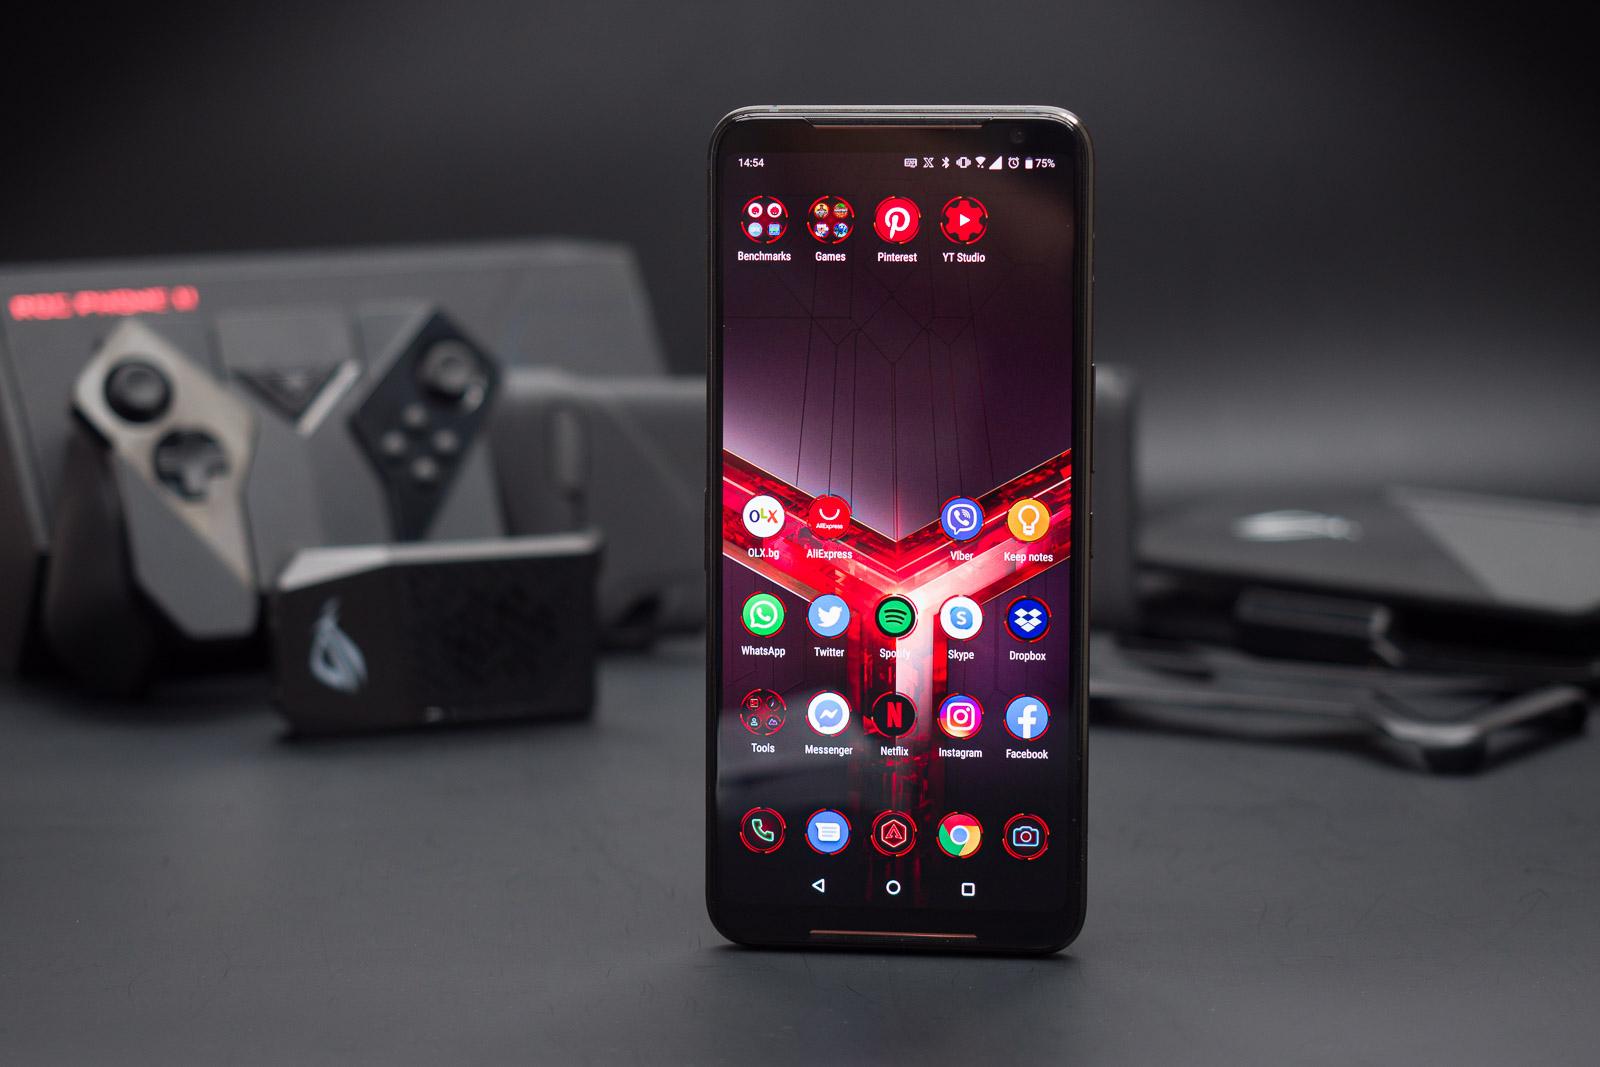 ASUS ROG Phone II